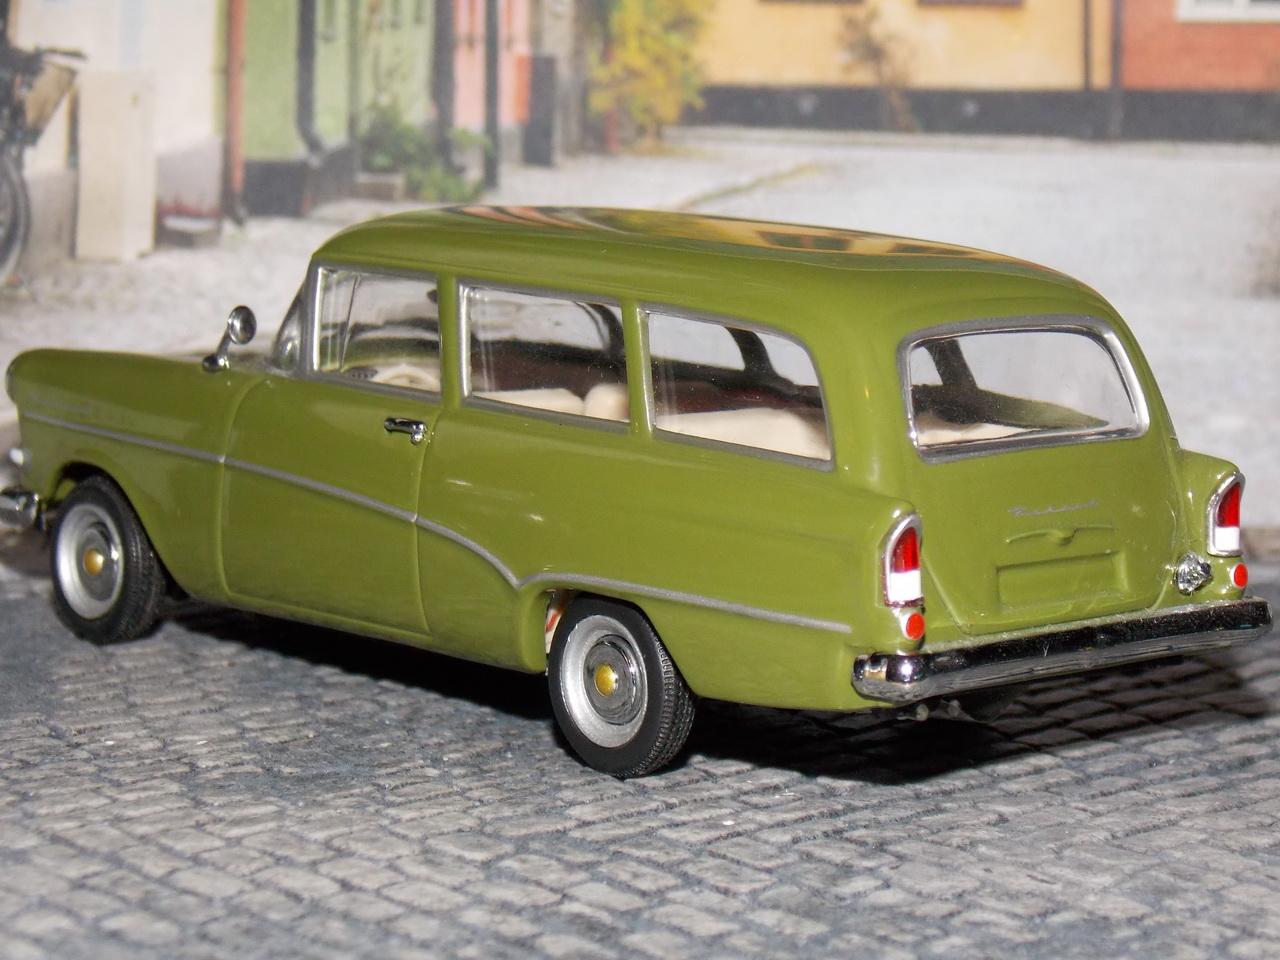 Opel Rekord P1 Caravan – 1957